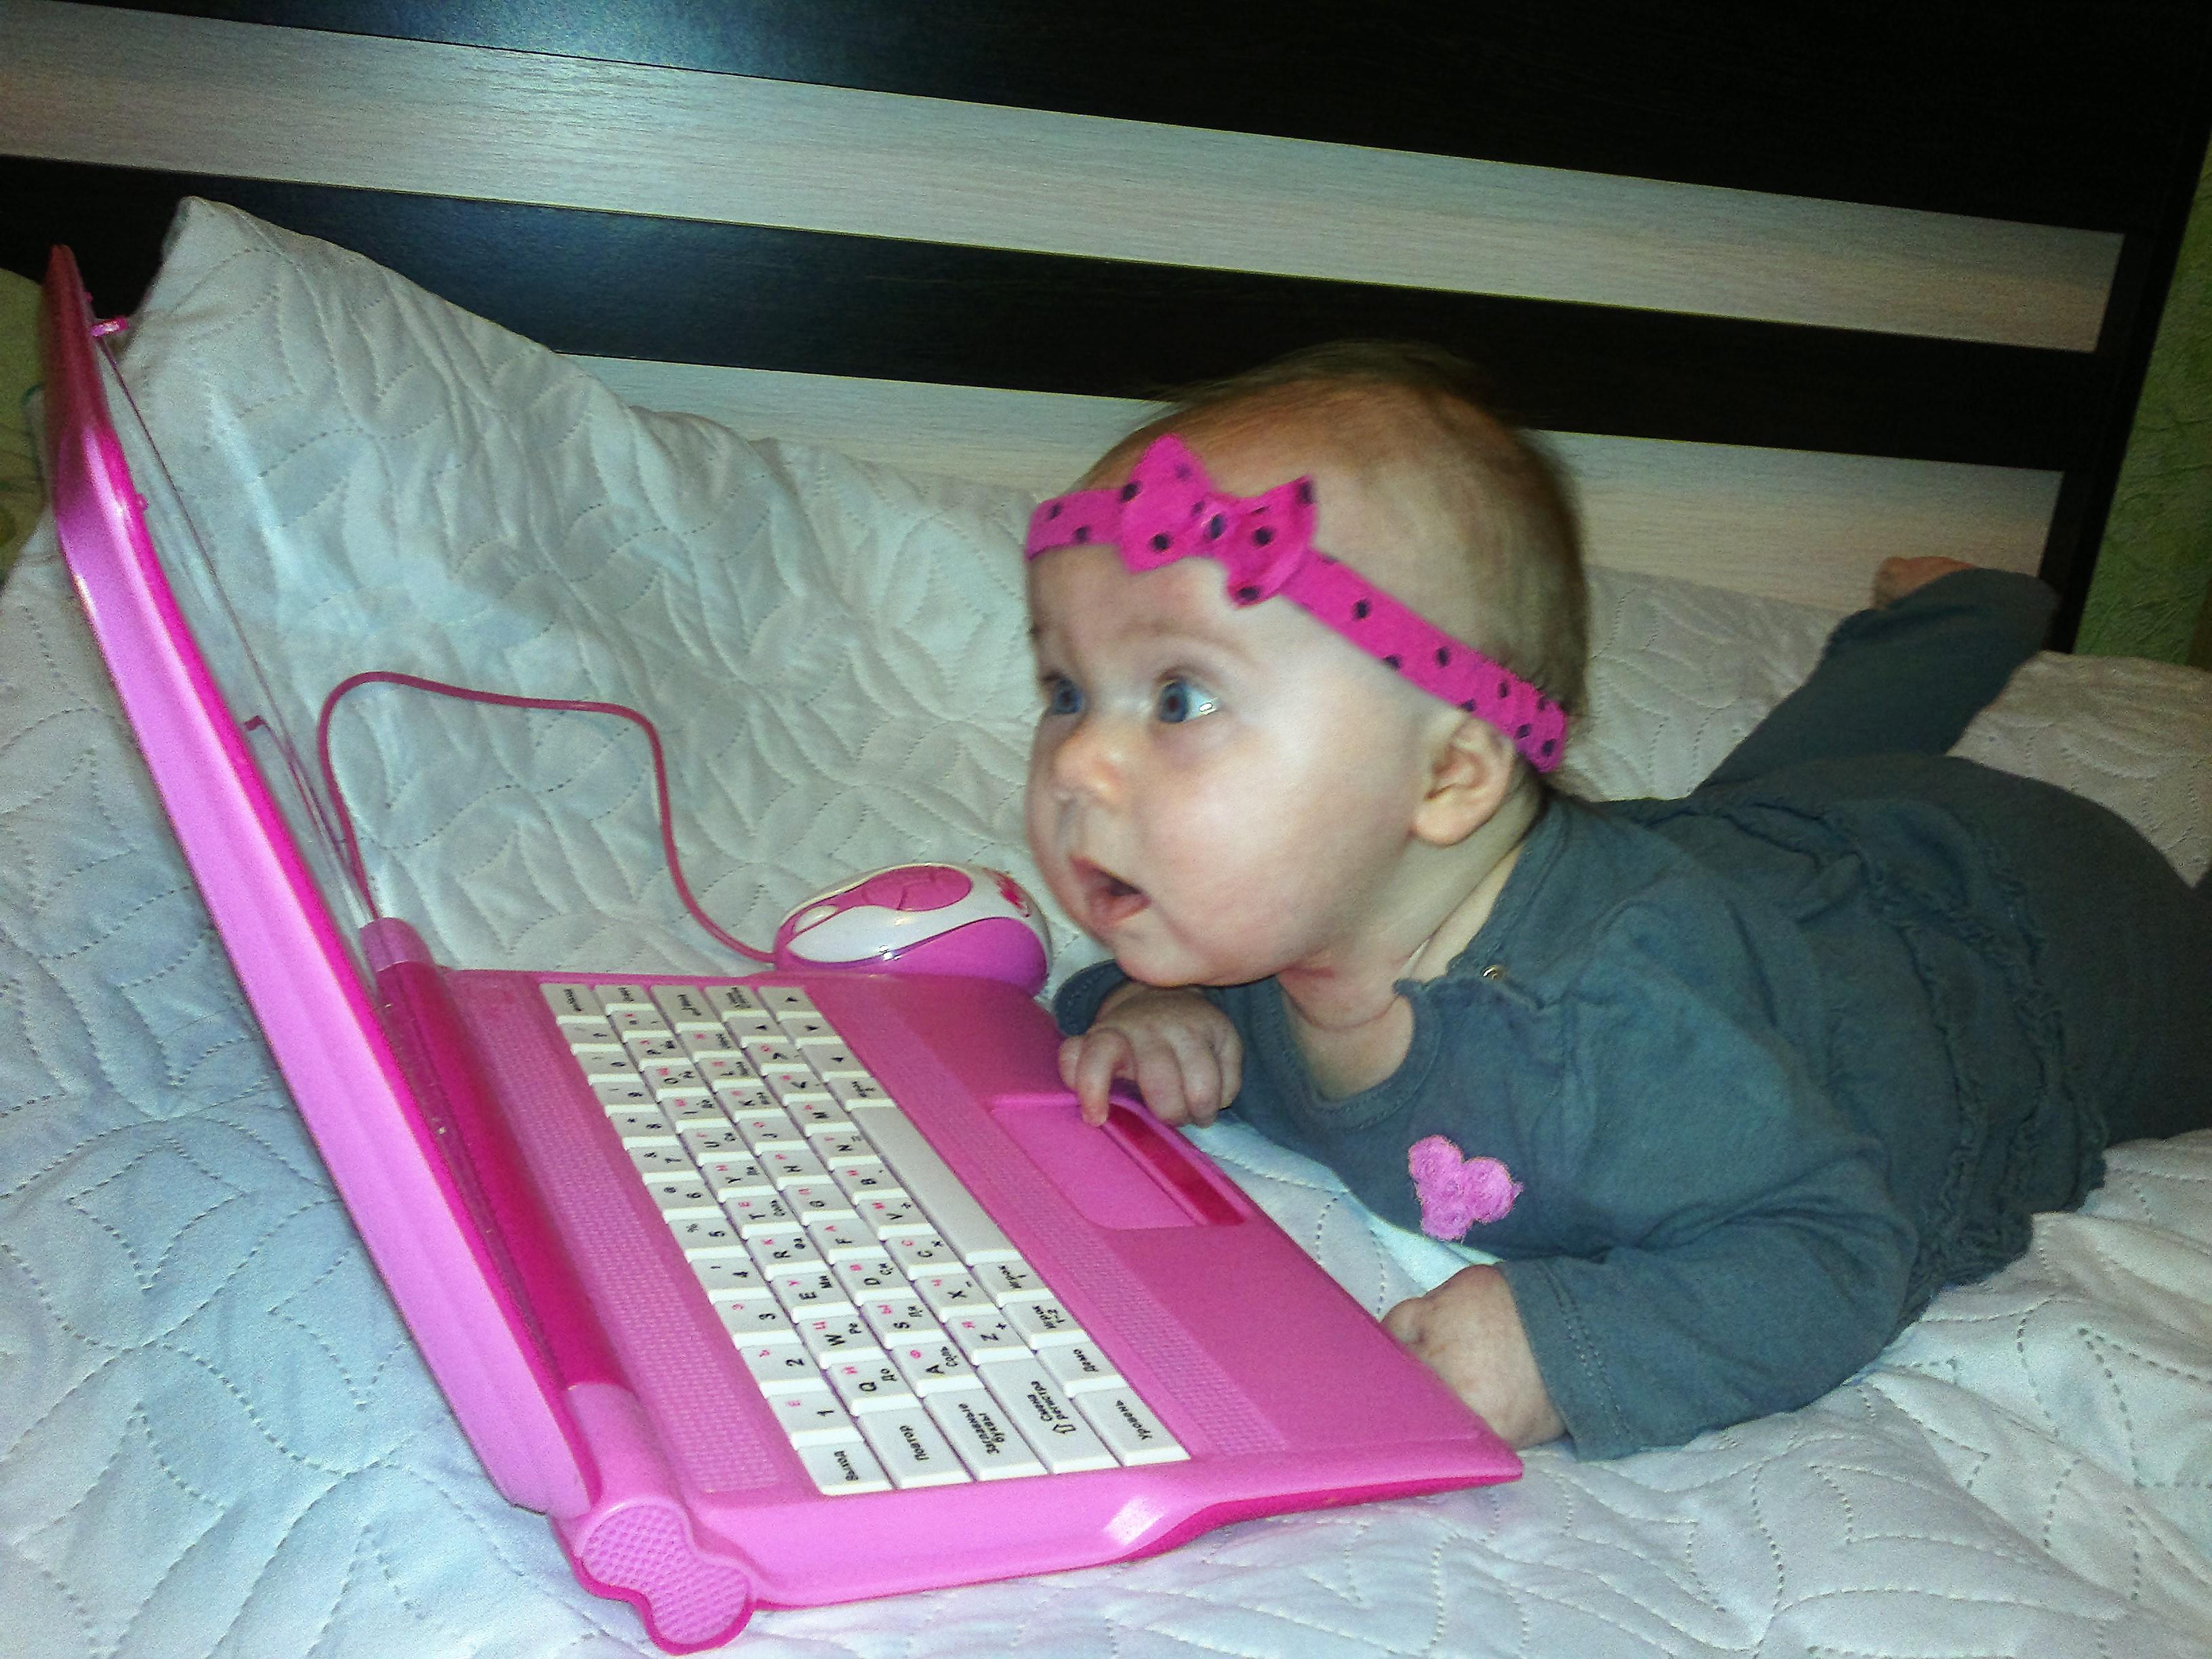 Так вот что значит Интернет!. Дети в интернете